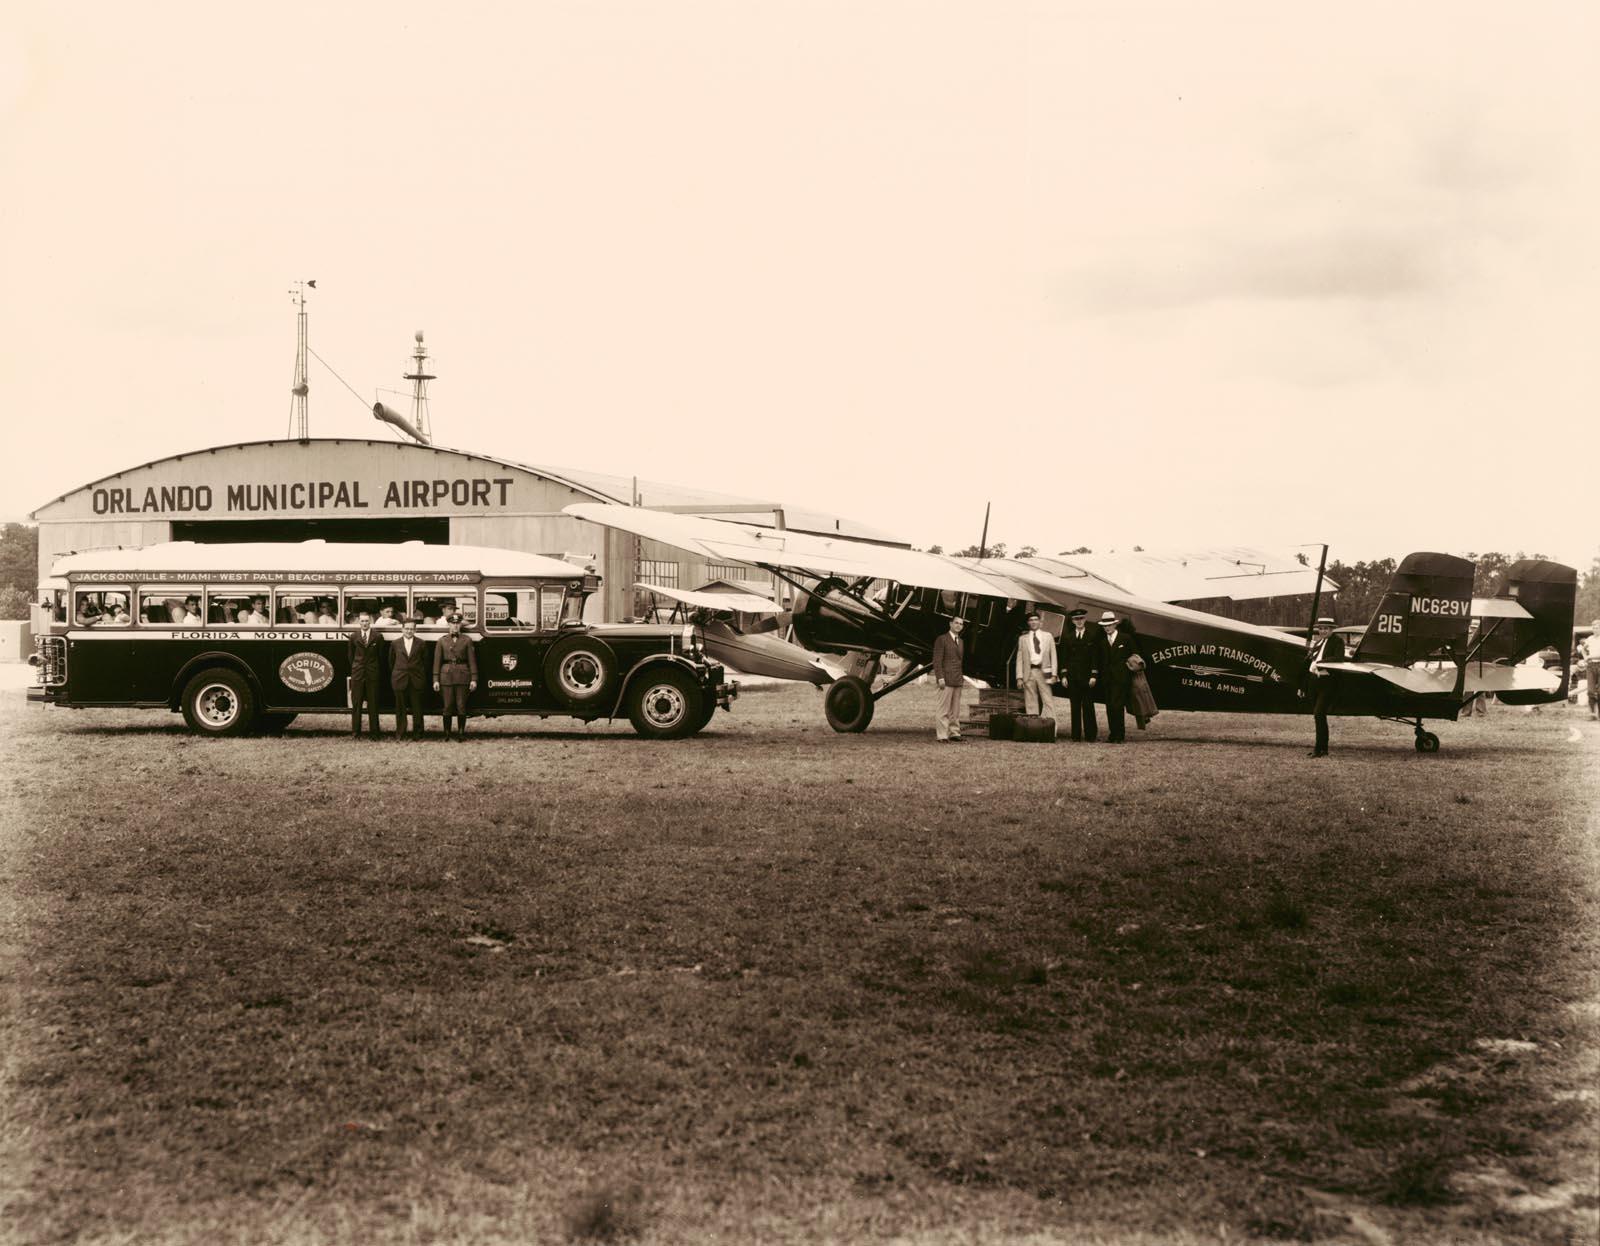 Aircraft & Hangar